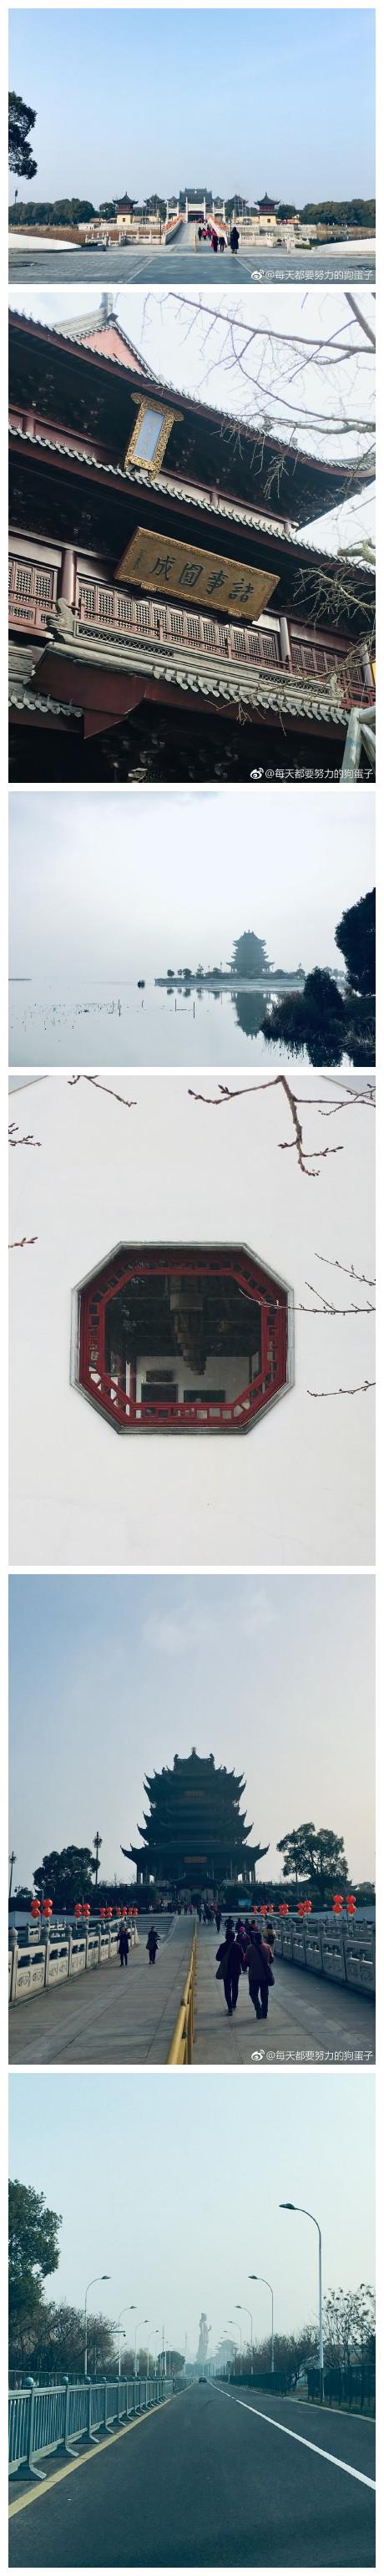 阳澄湖边一座有1500多年历史的佛、法、道三宝具足的寺庙,于70年代毁于文革,但又在2003年重建、2007年开光,今天仍未完工,但规模宏大,处处细节体现用心 